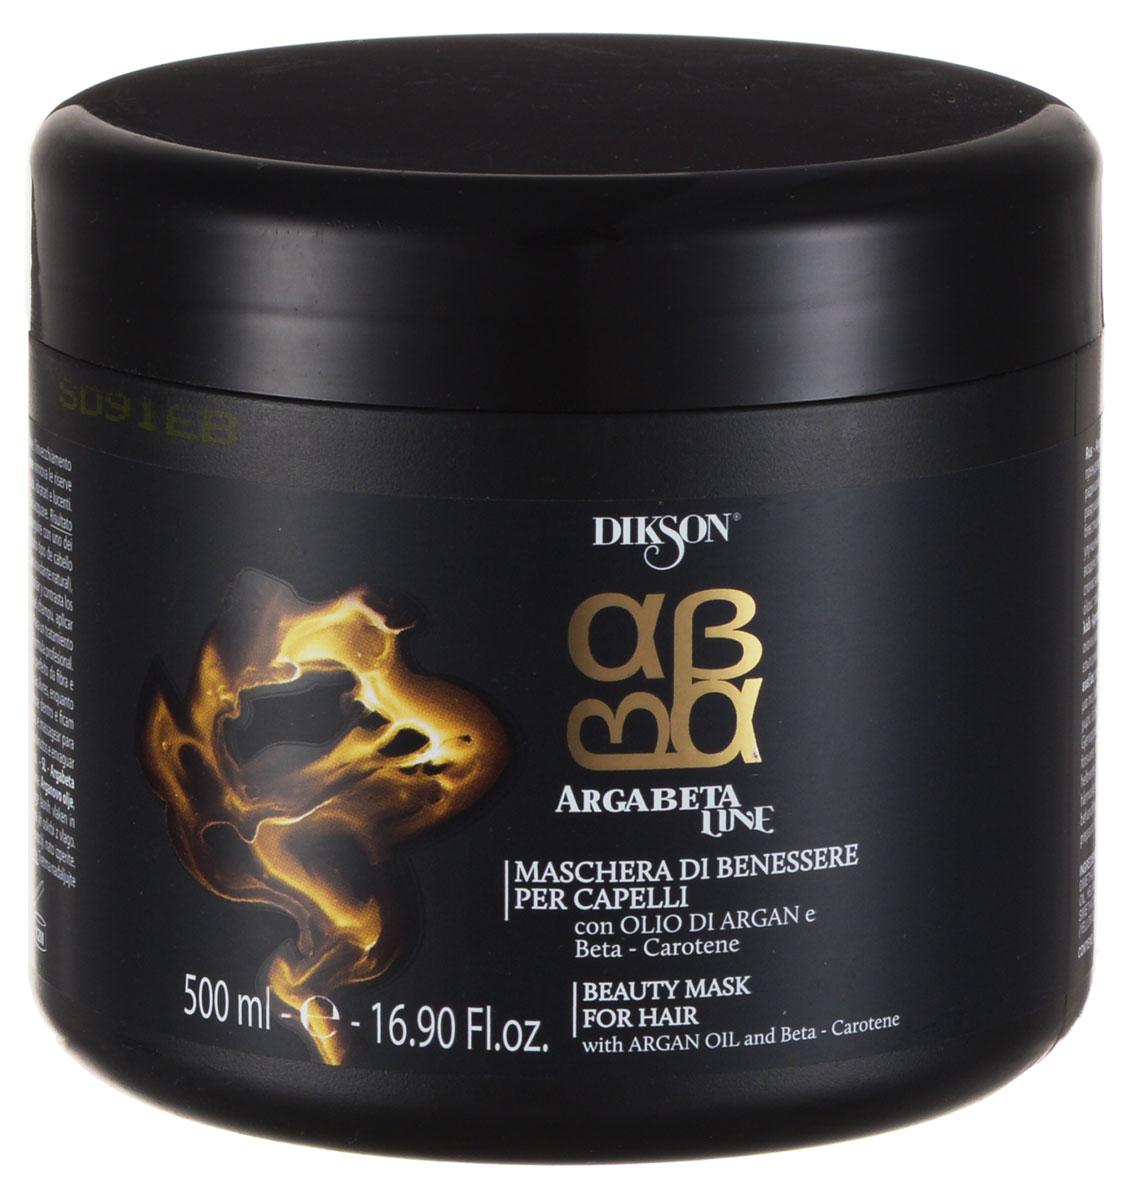 Dikson ArgaBeta Интенсивно восстанавливающая и питательная маска с маслом Арганы и Бета-каротином Beauty Mask 500 мл2412Интенсивно восстанавливающая маска ArgaBeta Beauty Mask от Dikson подходит для всех типов волос, укрепляет и восстанавливает структуру волосяных волокон, не утяжеляя их, и обладает омолаживающим эффектом. Масло Арганы, содержащее витамин Е (натуральный антиоксидант) предохраняет волосы от действия свободных радикалов. Бета-каротин энергетически насыщает капиллярные волокна и препятствует разрушающему влиянию ультрафиолетового излучения. Аминокислоты морского происхождения увлажняют, защищают и укрепляют волосы, придавая им эластичность и объем. Содержание активных компонентов: Бета-каротин, масло Арганы, токоферол, арахисовое масло.